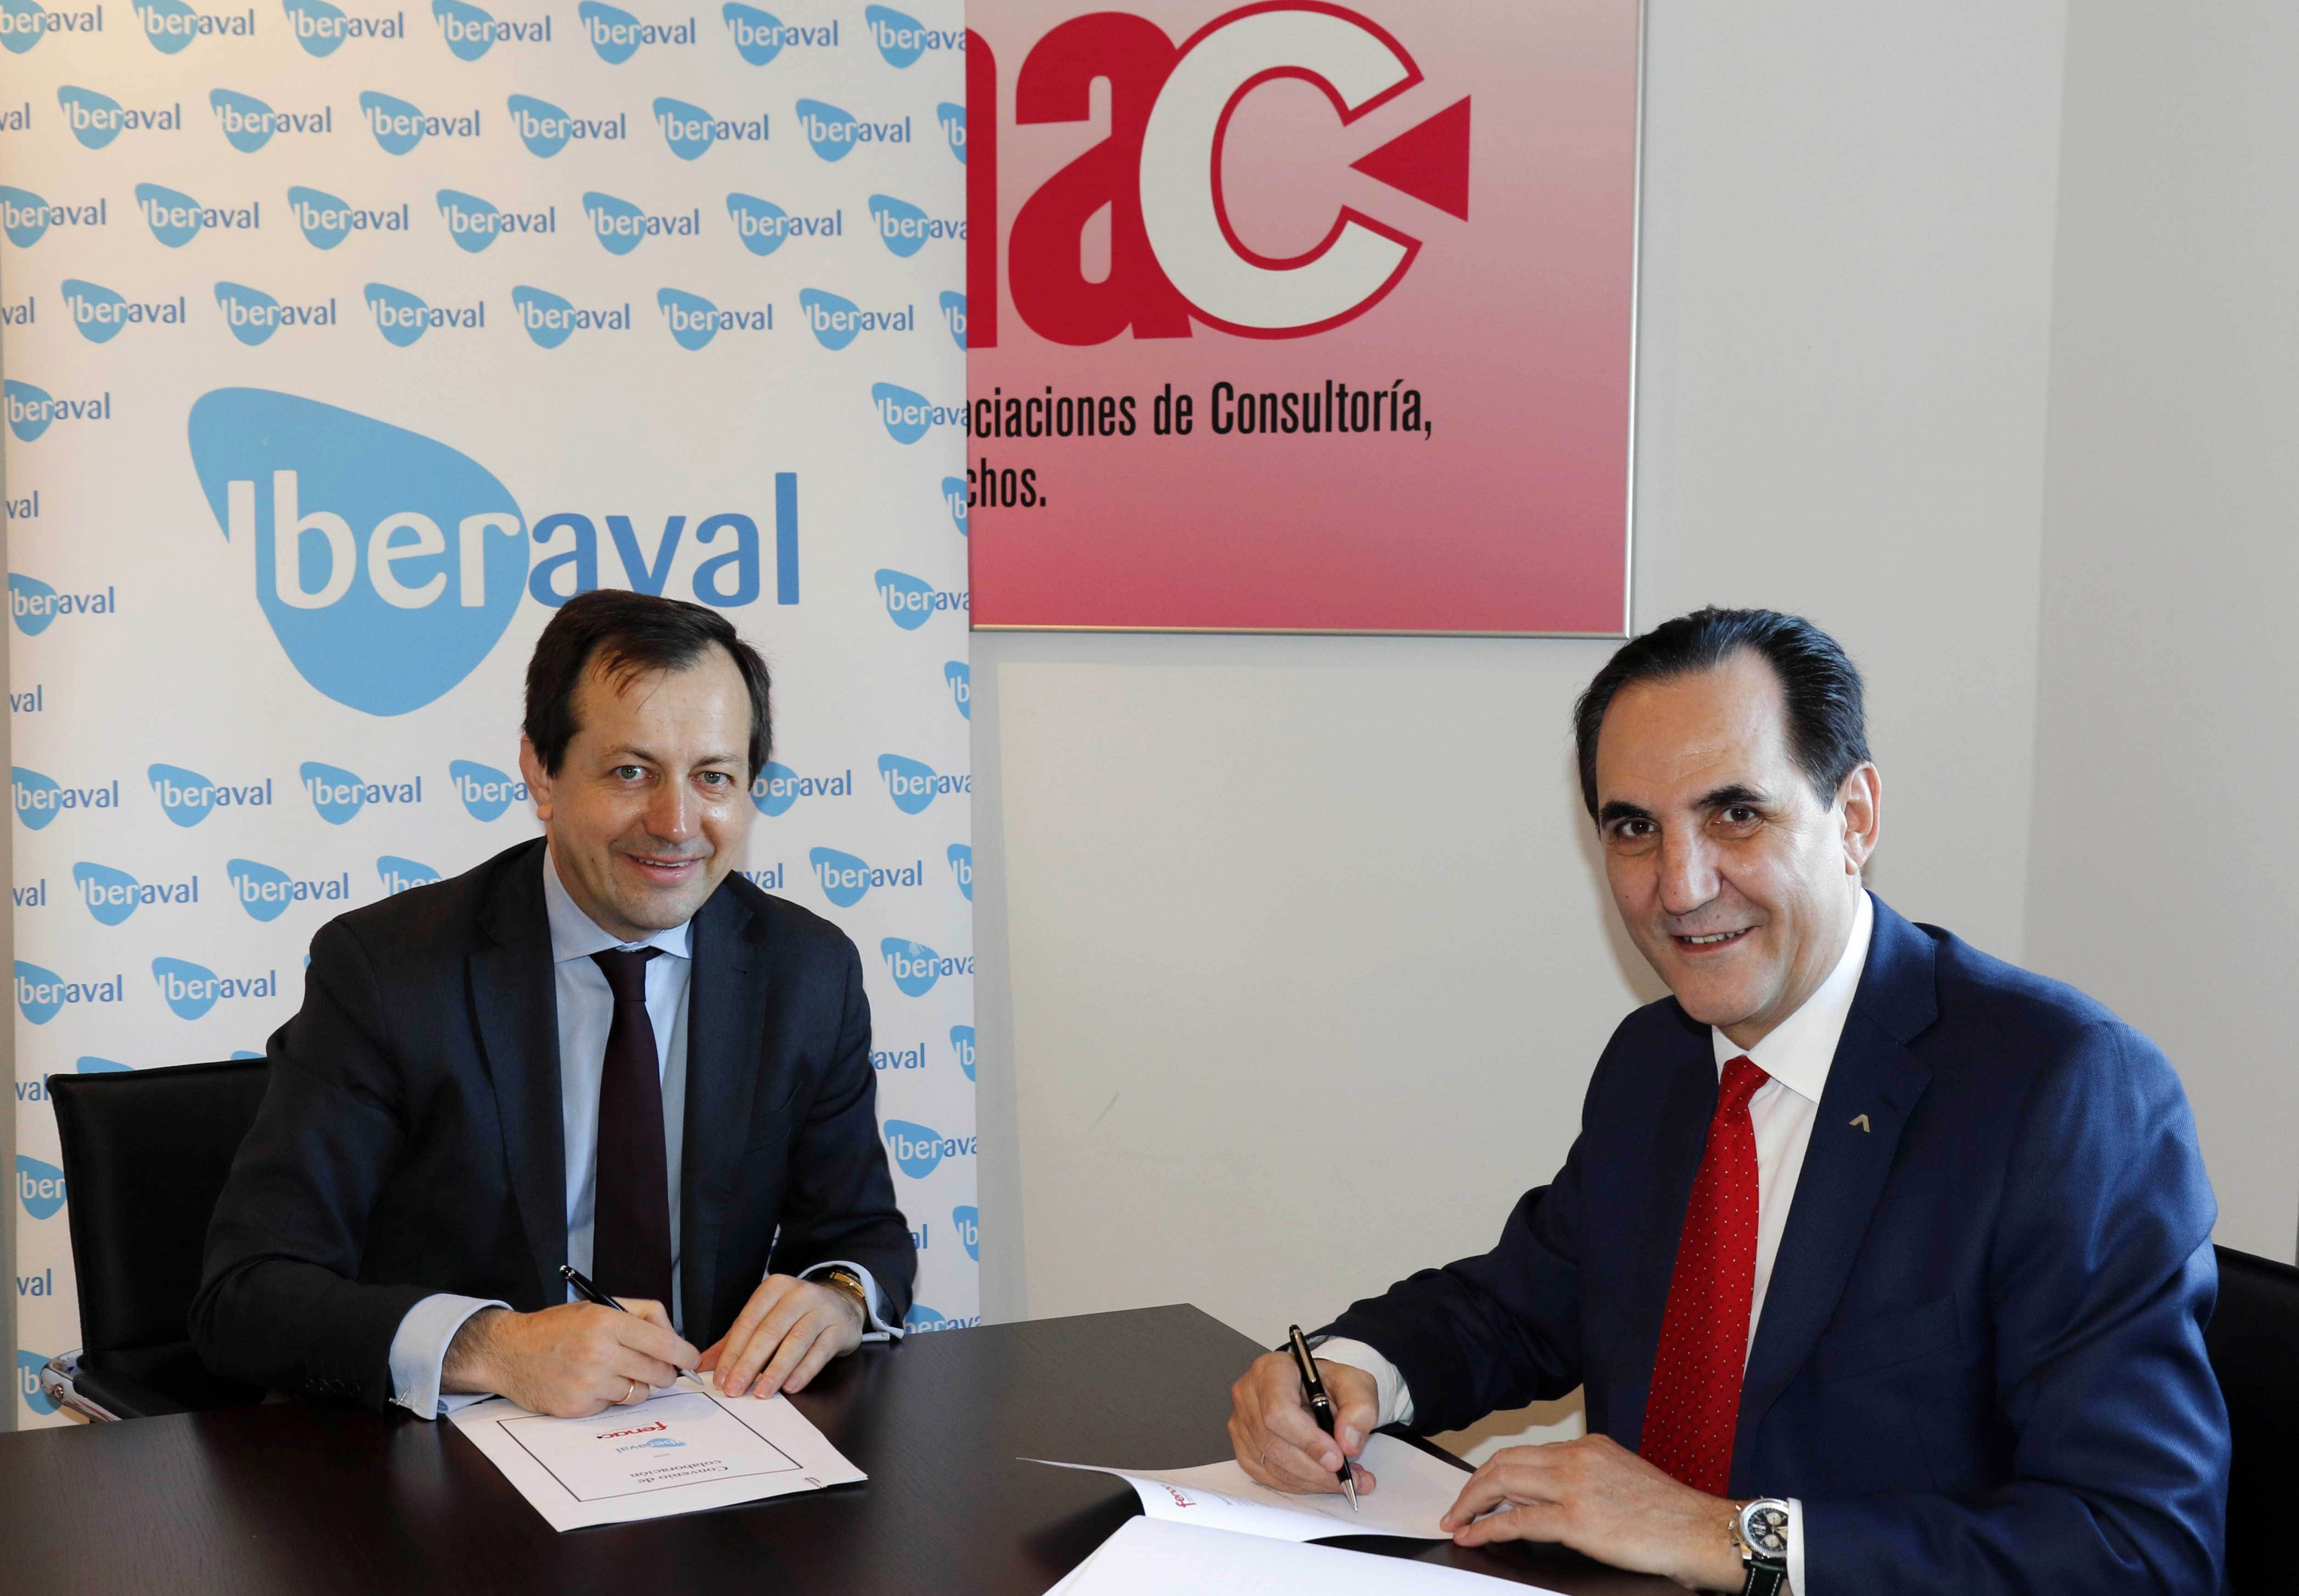 Convenio entre la firma iberaval y la asociaci n de consultores y despachos sobre financiaci n - Convenio de oficinas y despachos madrid ...